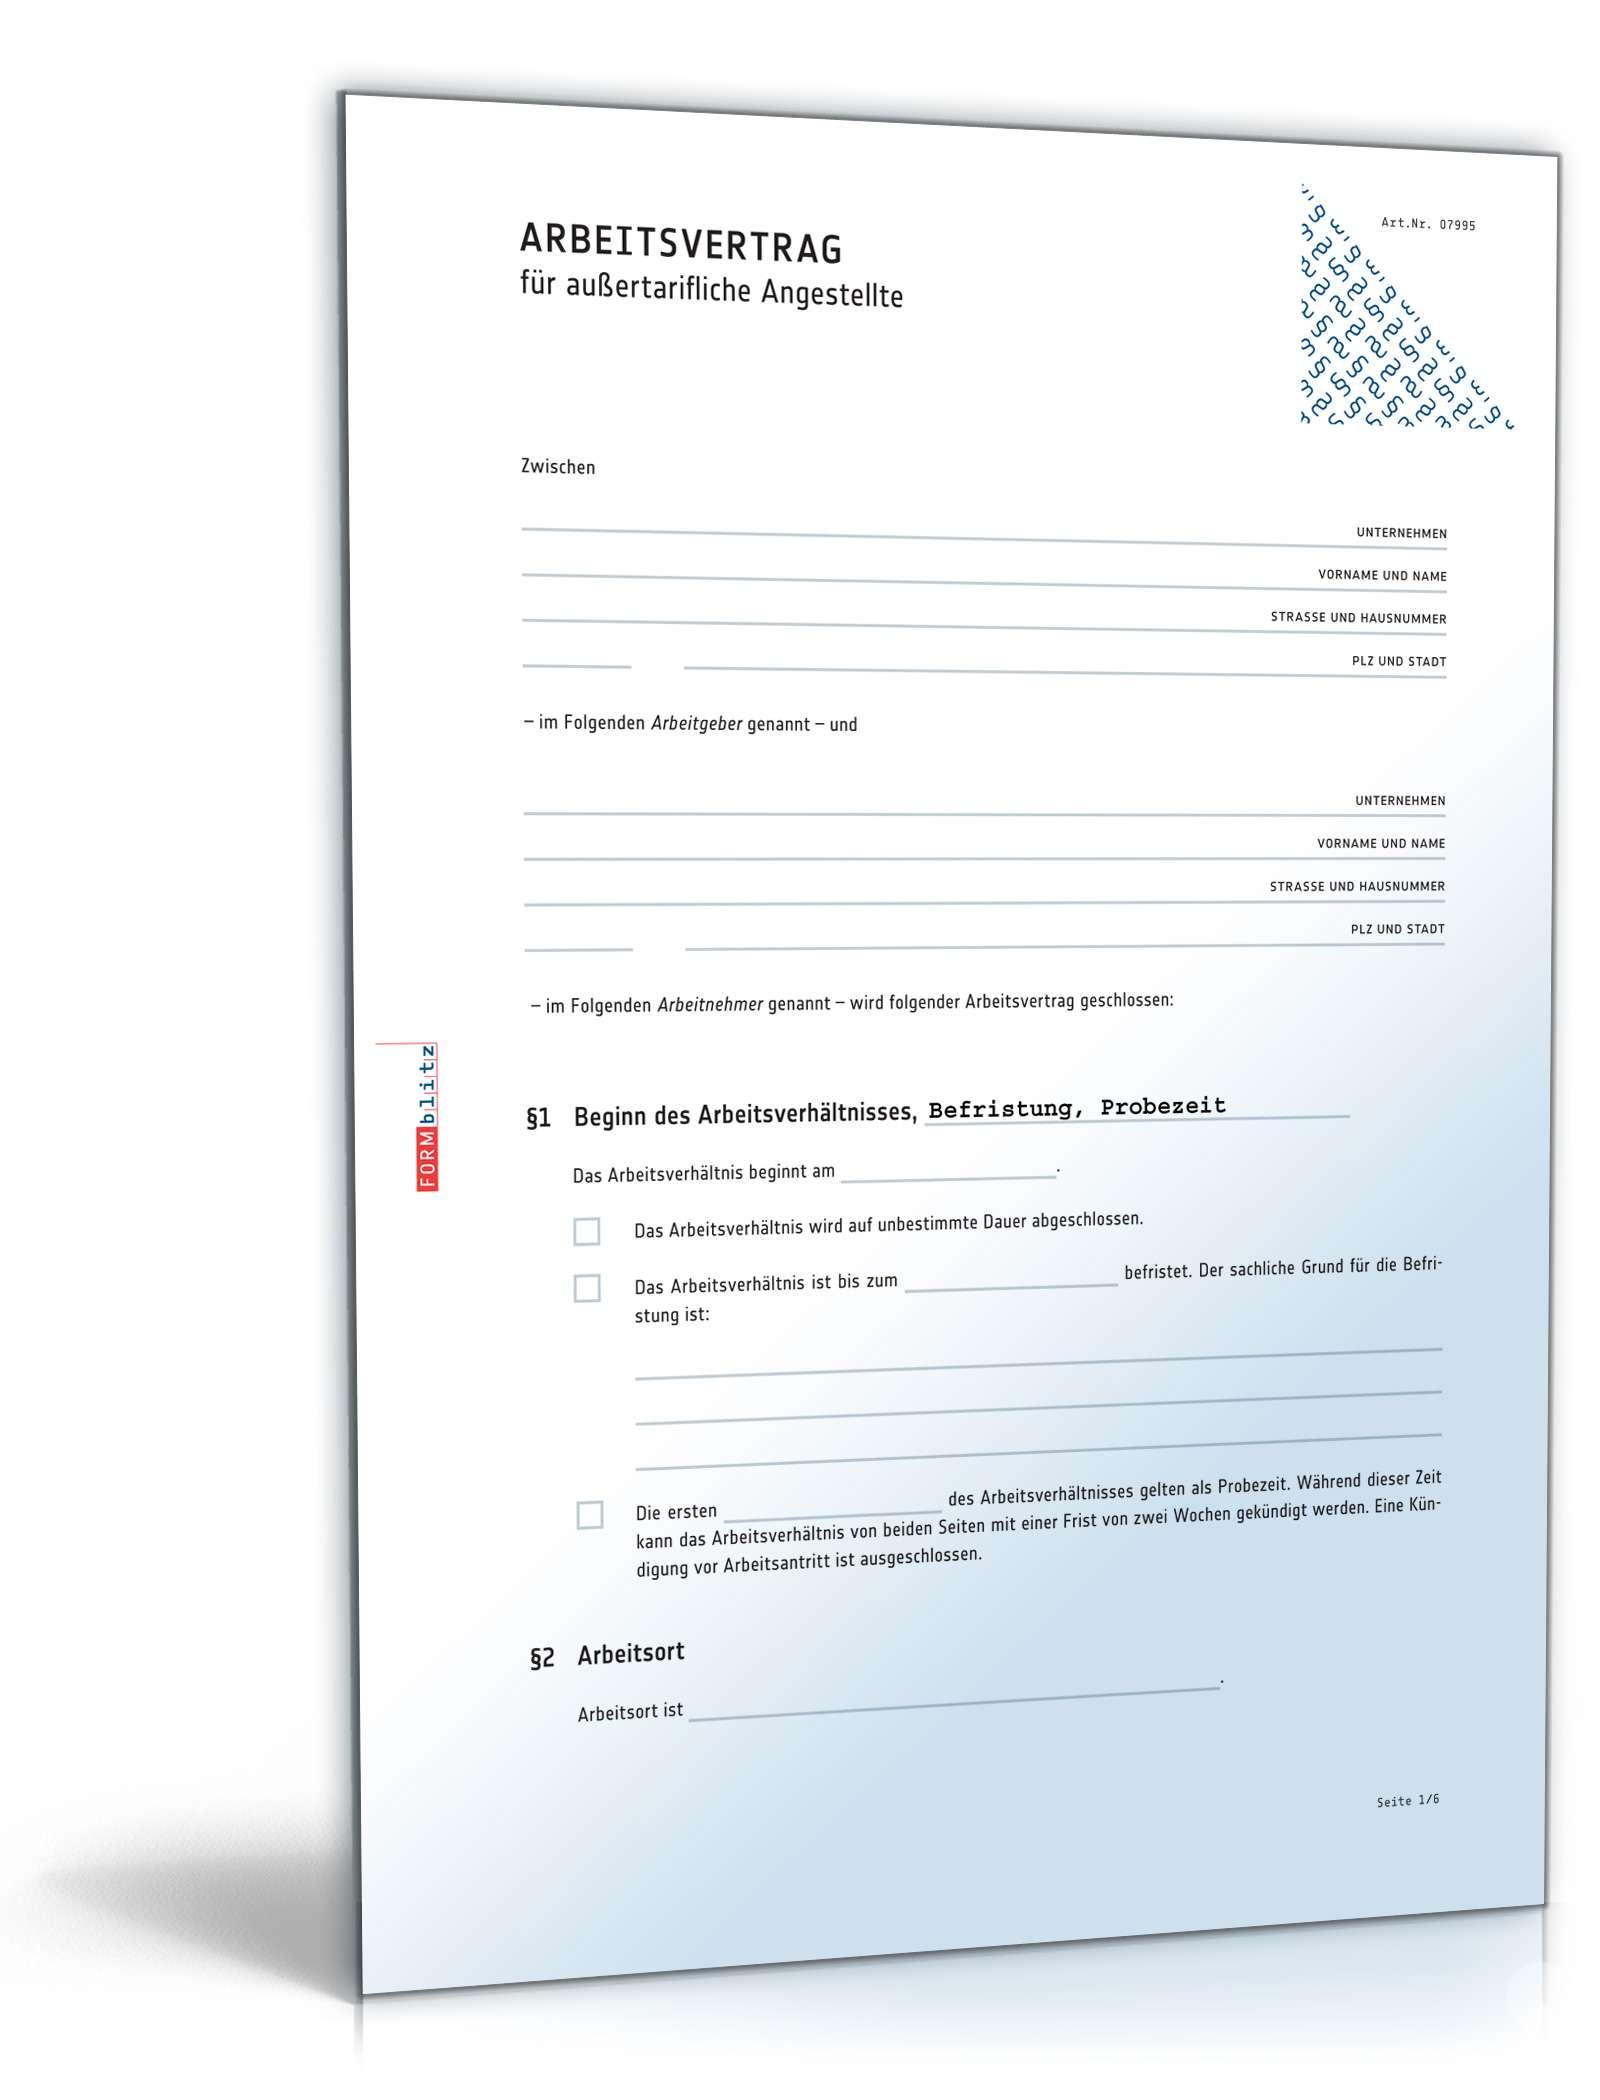 Arbeitsvertrag Außertariflich Angestellte Muster Zum Download